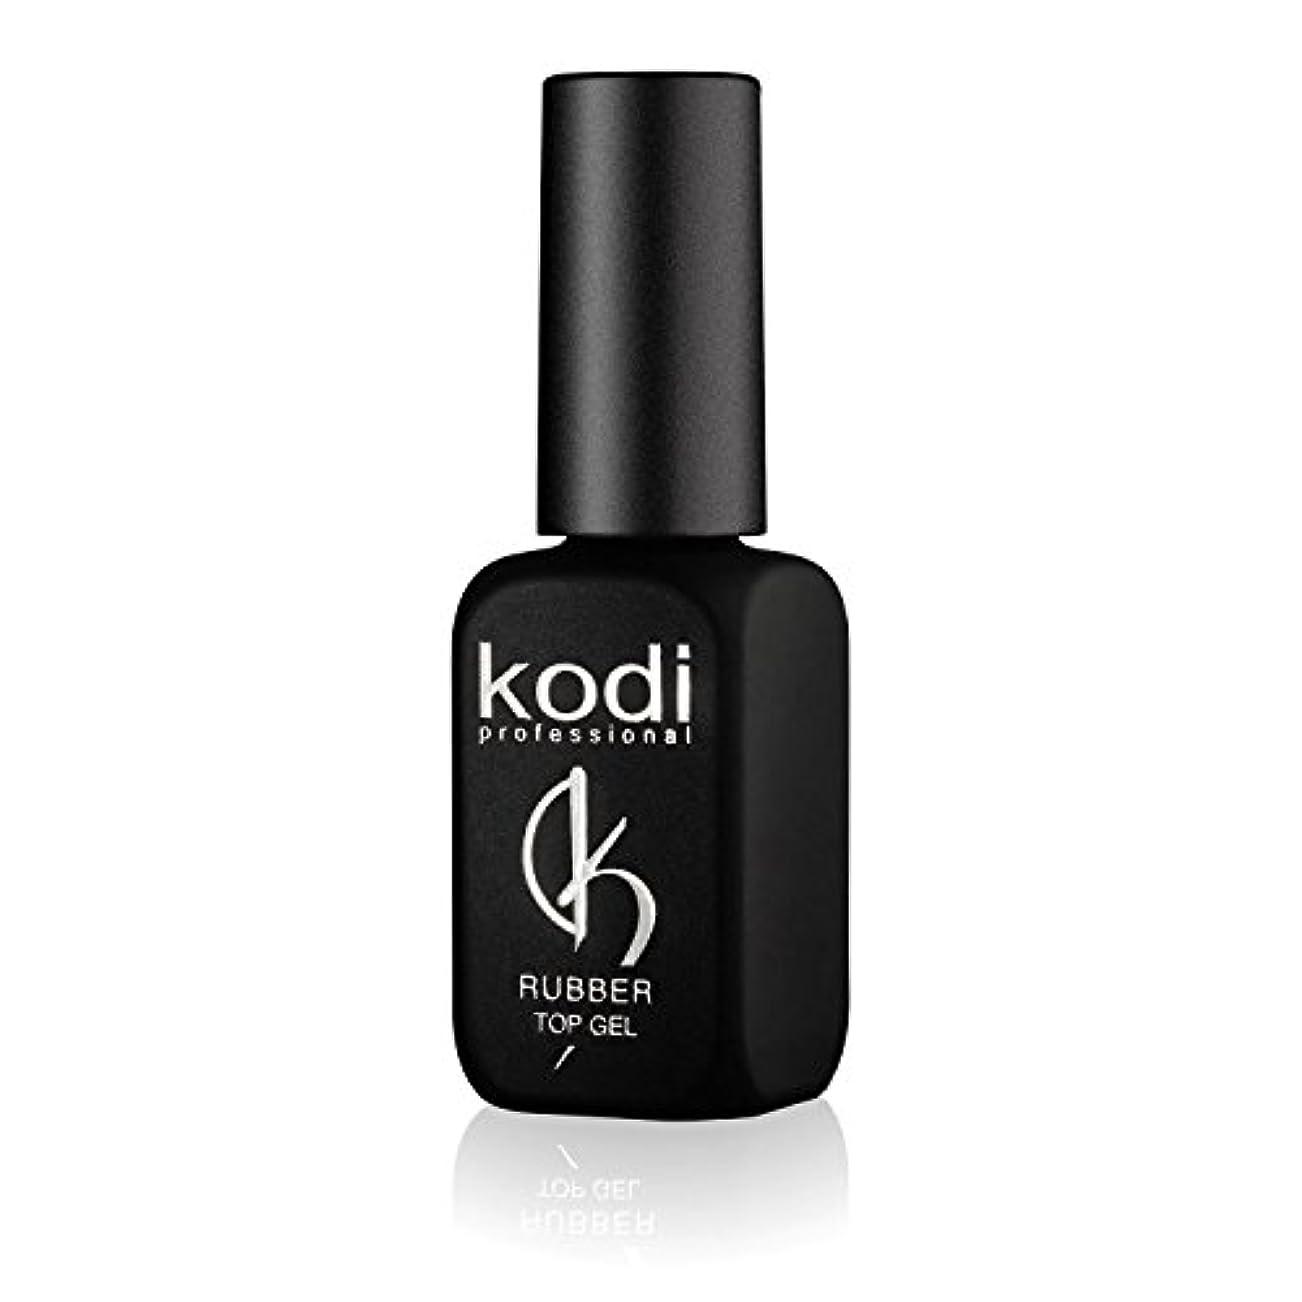 提出するの間に時Professional Rubber Top Gel By Kodi | 12ml 0.42 oz | Soak Off, Polish Fingernails Coat Gel | For Long Lasting...